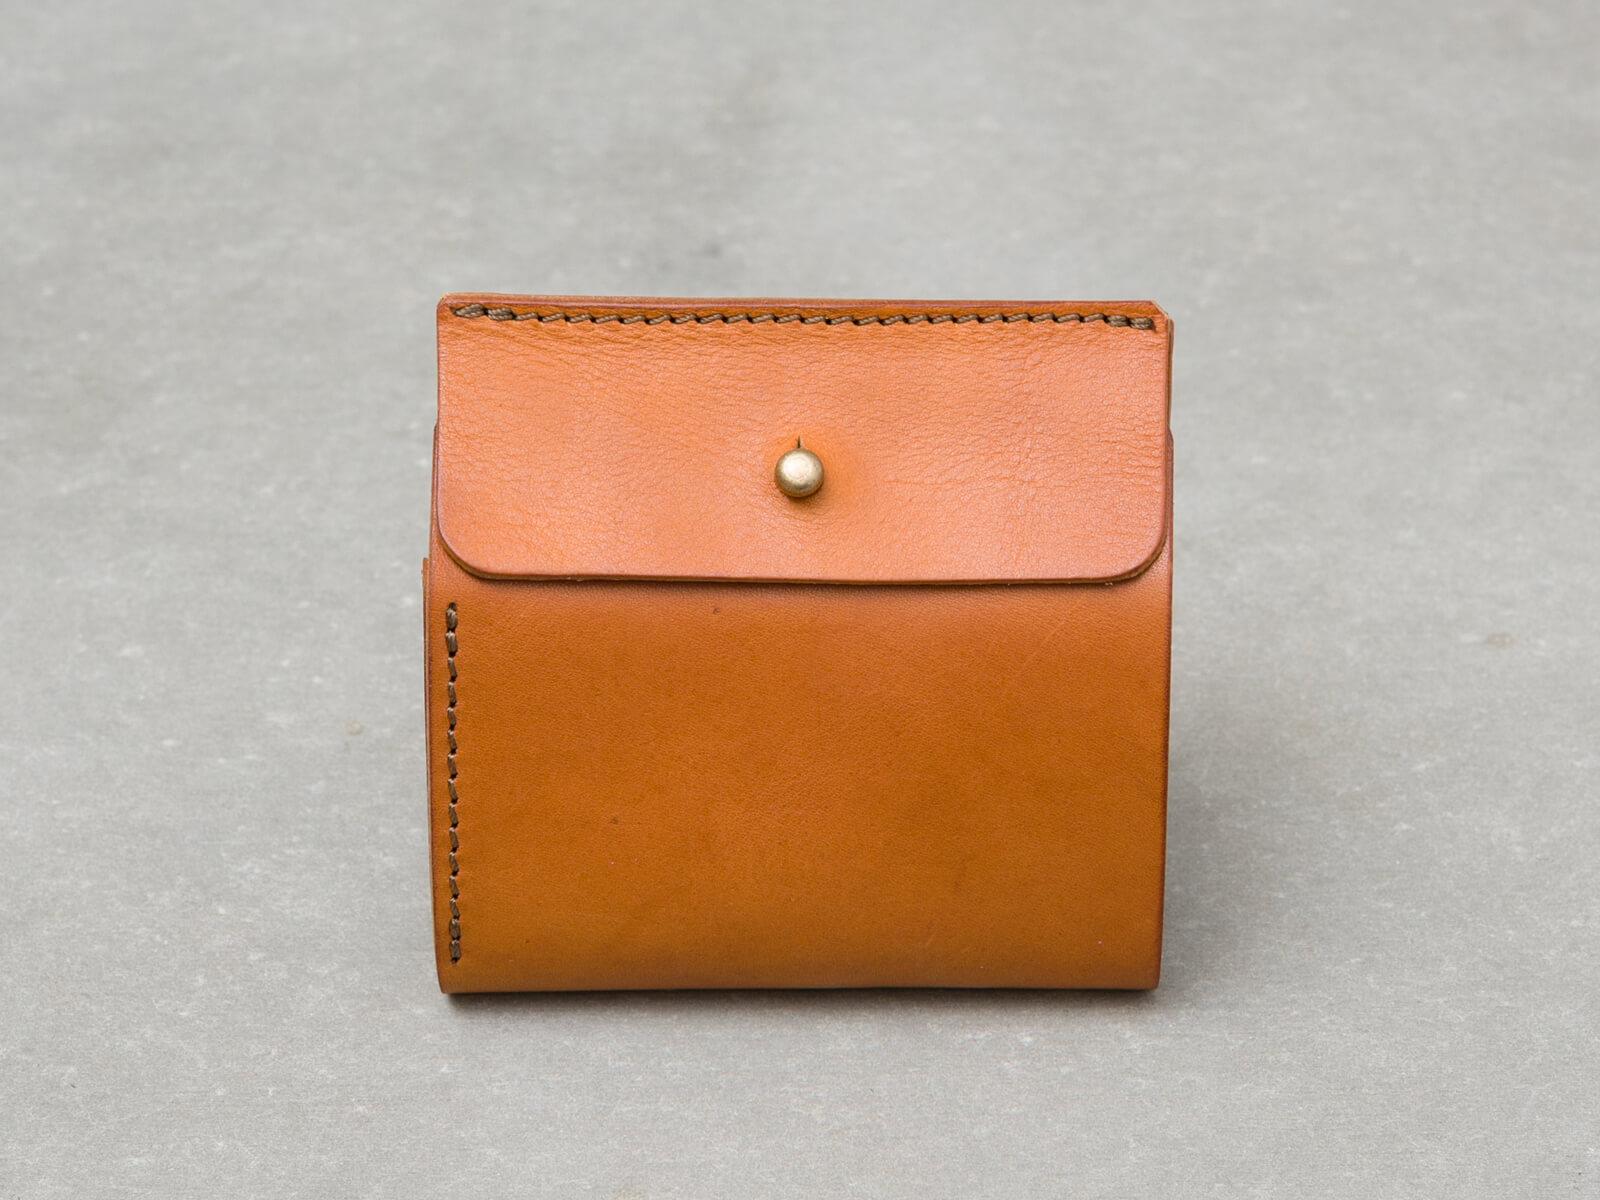 ギボシ留め二つ折り財布(GS-71)